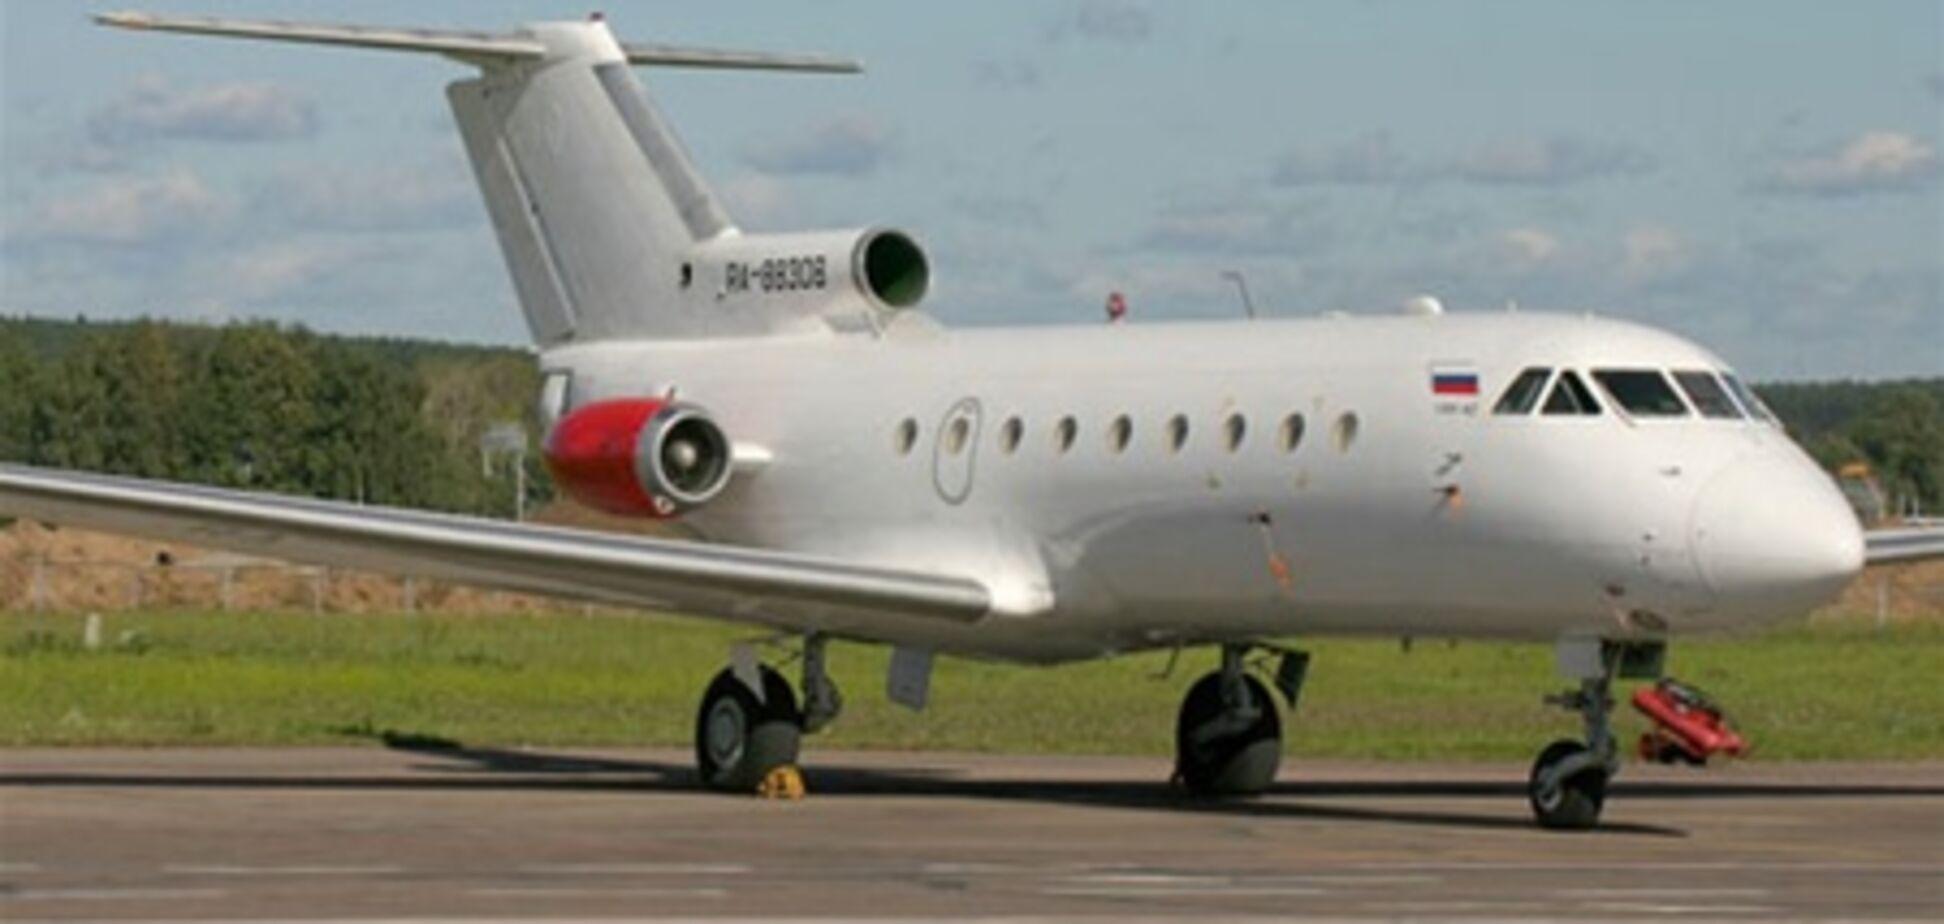 Особистий літак дешевше машини